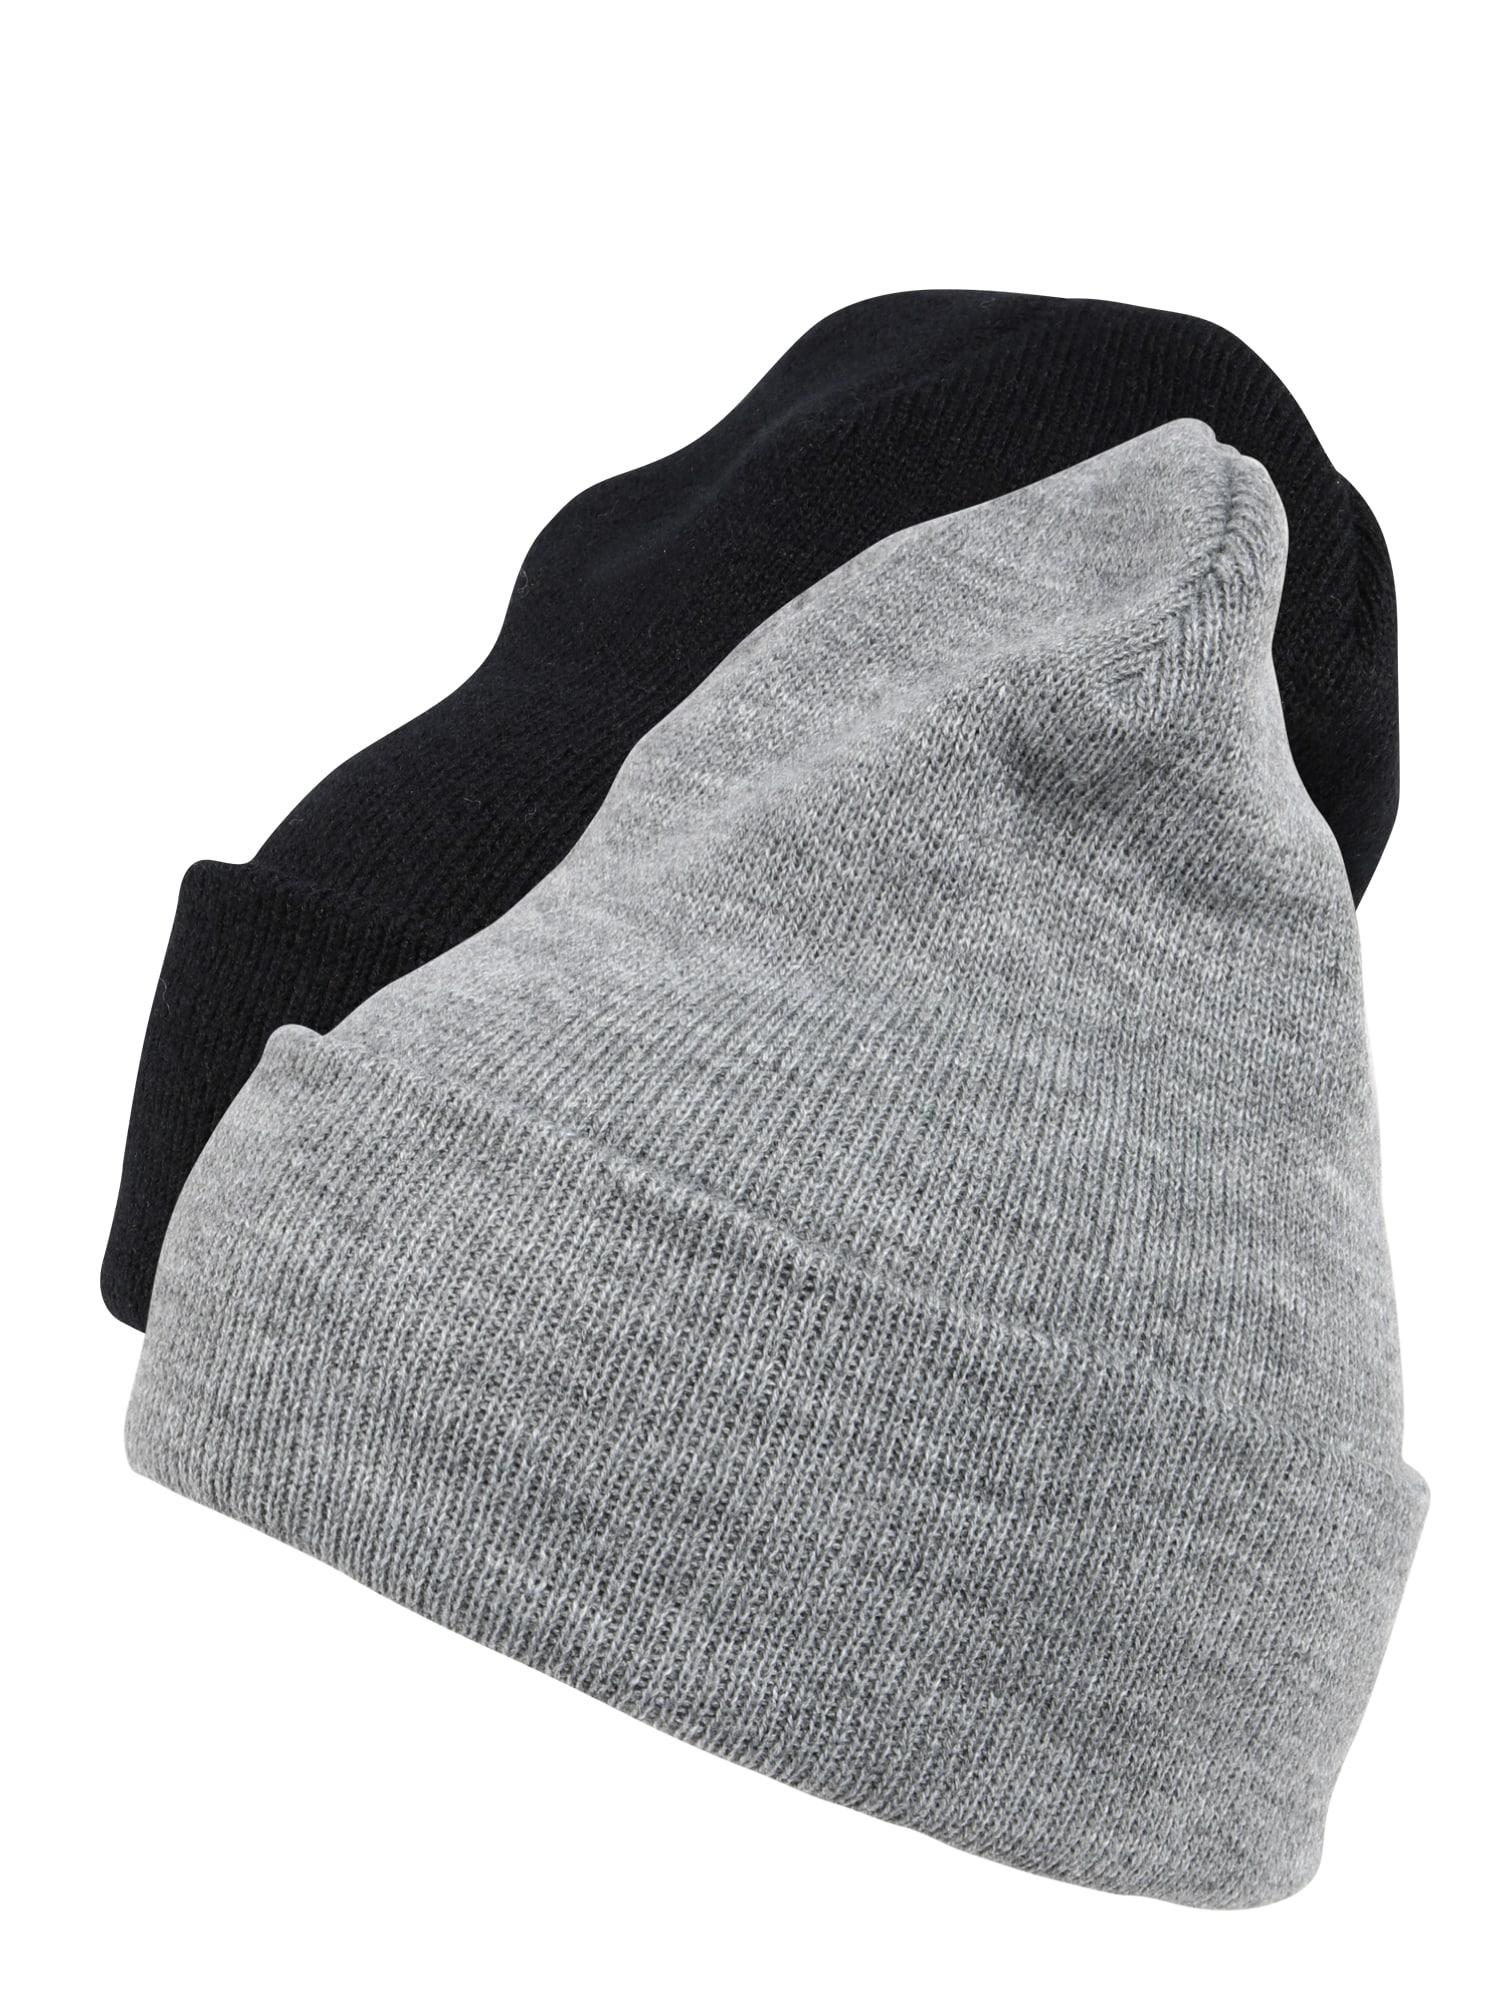 Čepice Pre-Pack Heavyweight Long Beanie šedá černá Flexfit